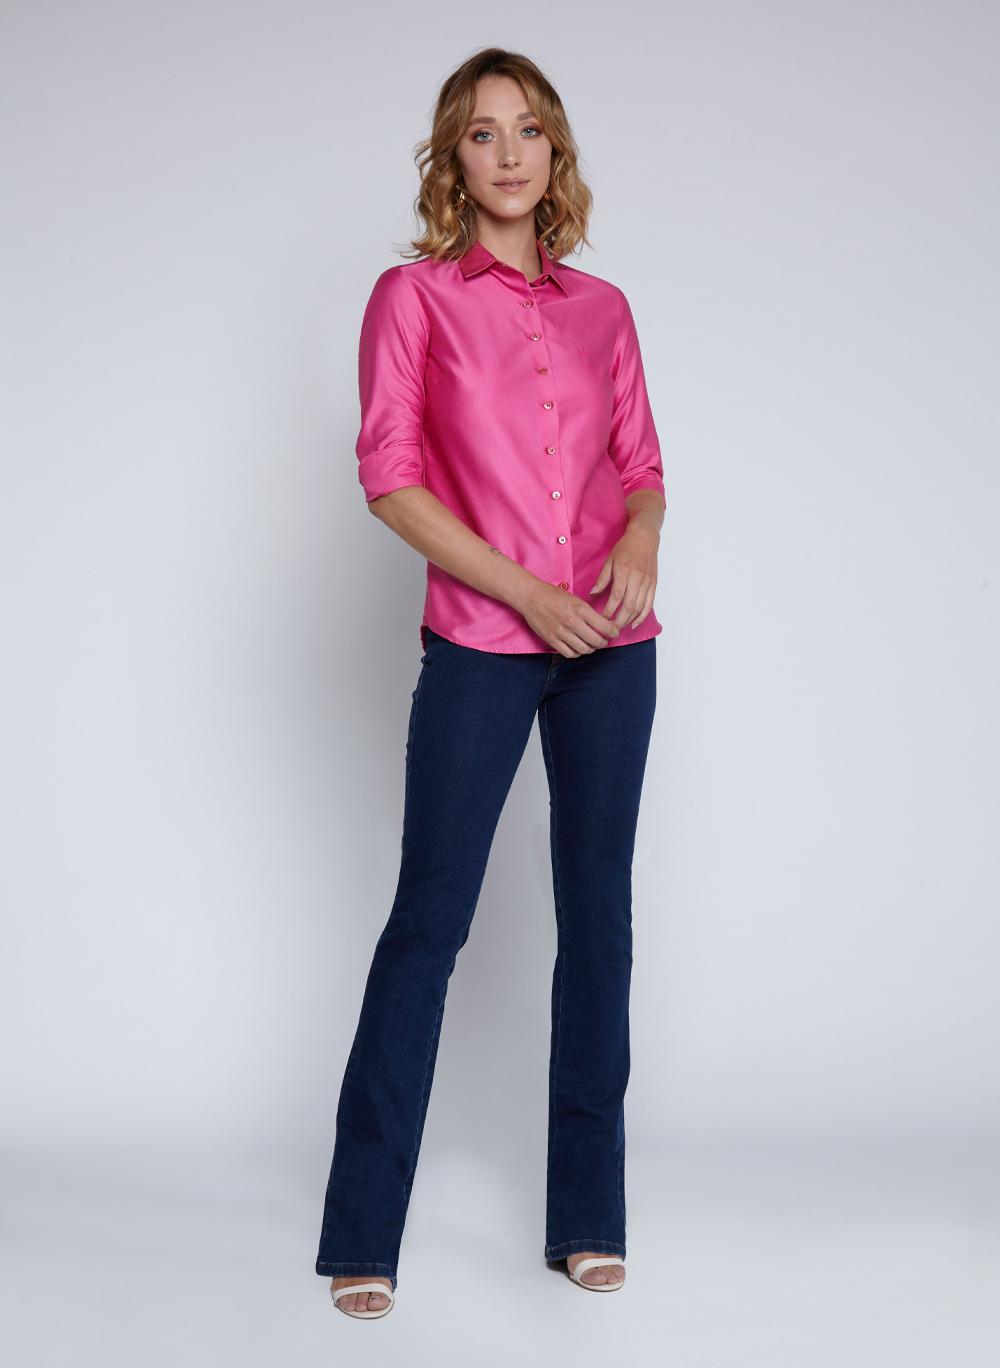 Camisa Feminina Regular Cetim Liso Dudalina